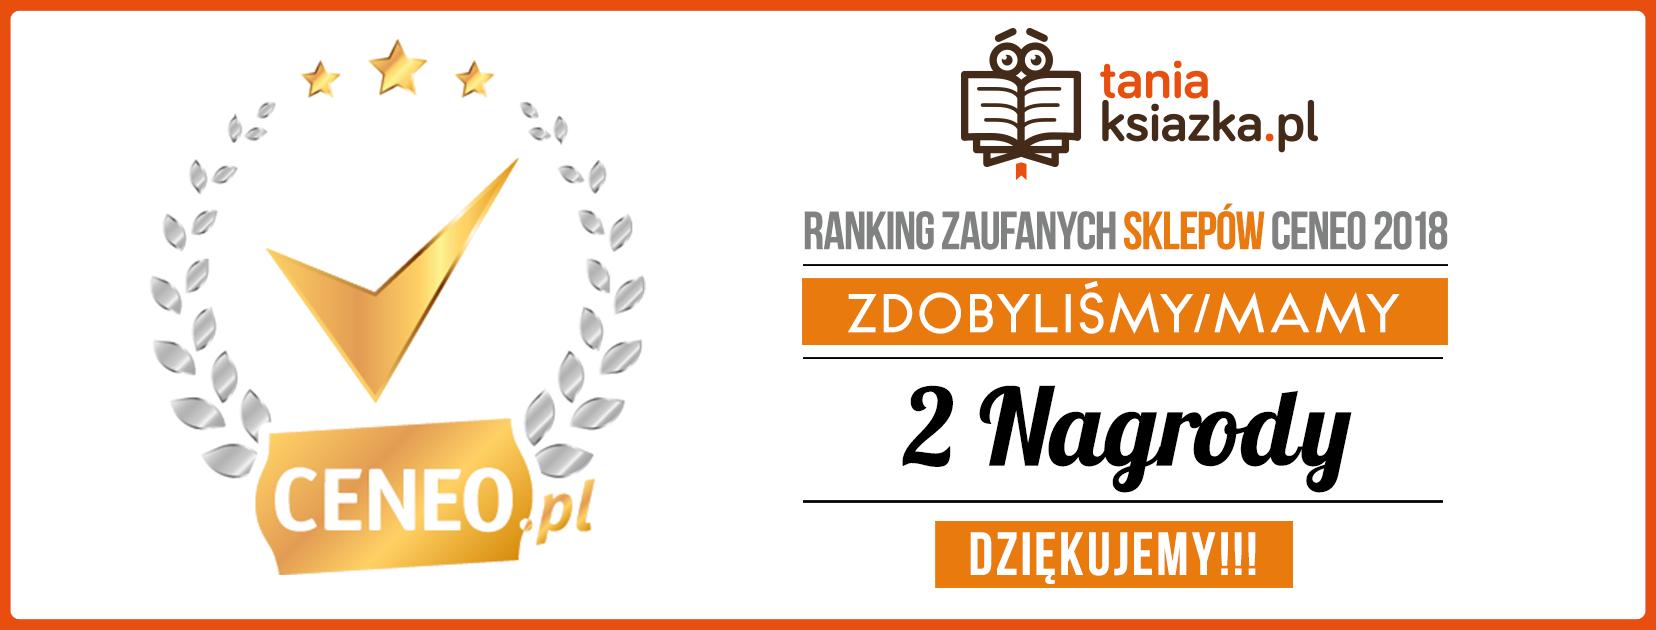 TaniaKsiazka.pl z dwoma wyróżnieniami w rankingu Ceneo 2018!